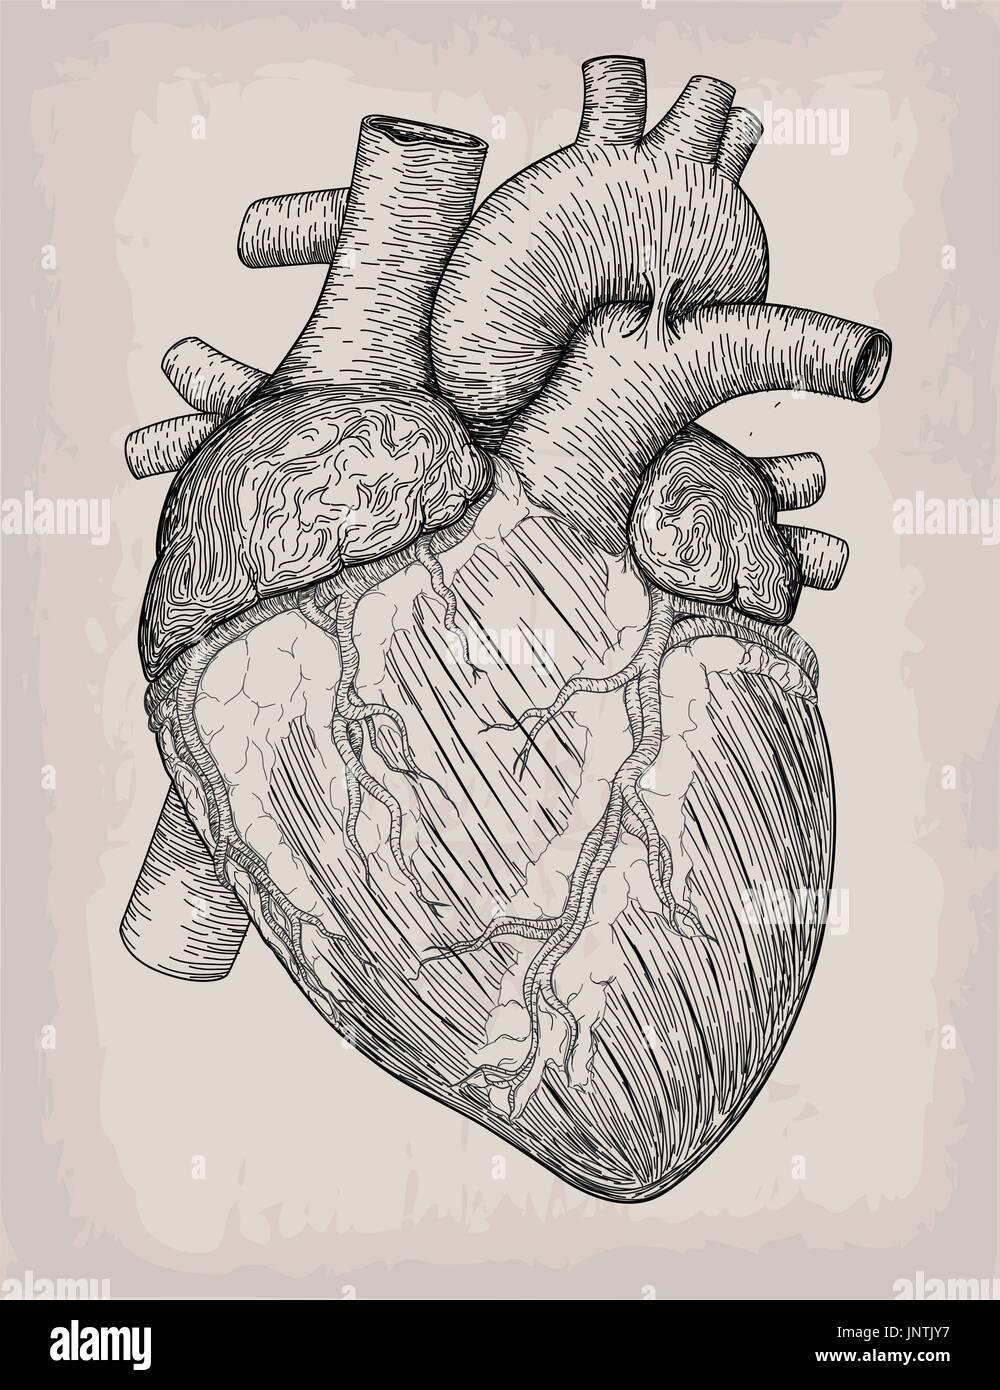 Menschliches Herzhand gezeichnet. Anatomische Skizze. Medizin ...